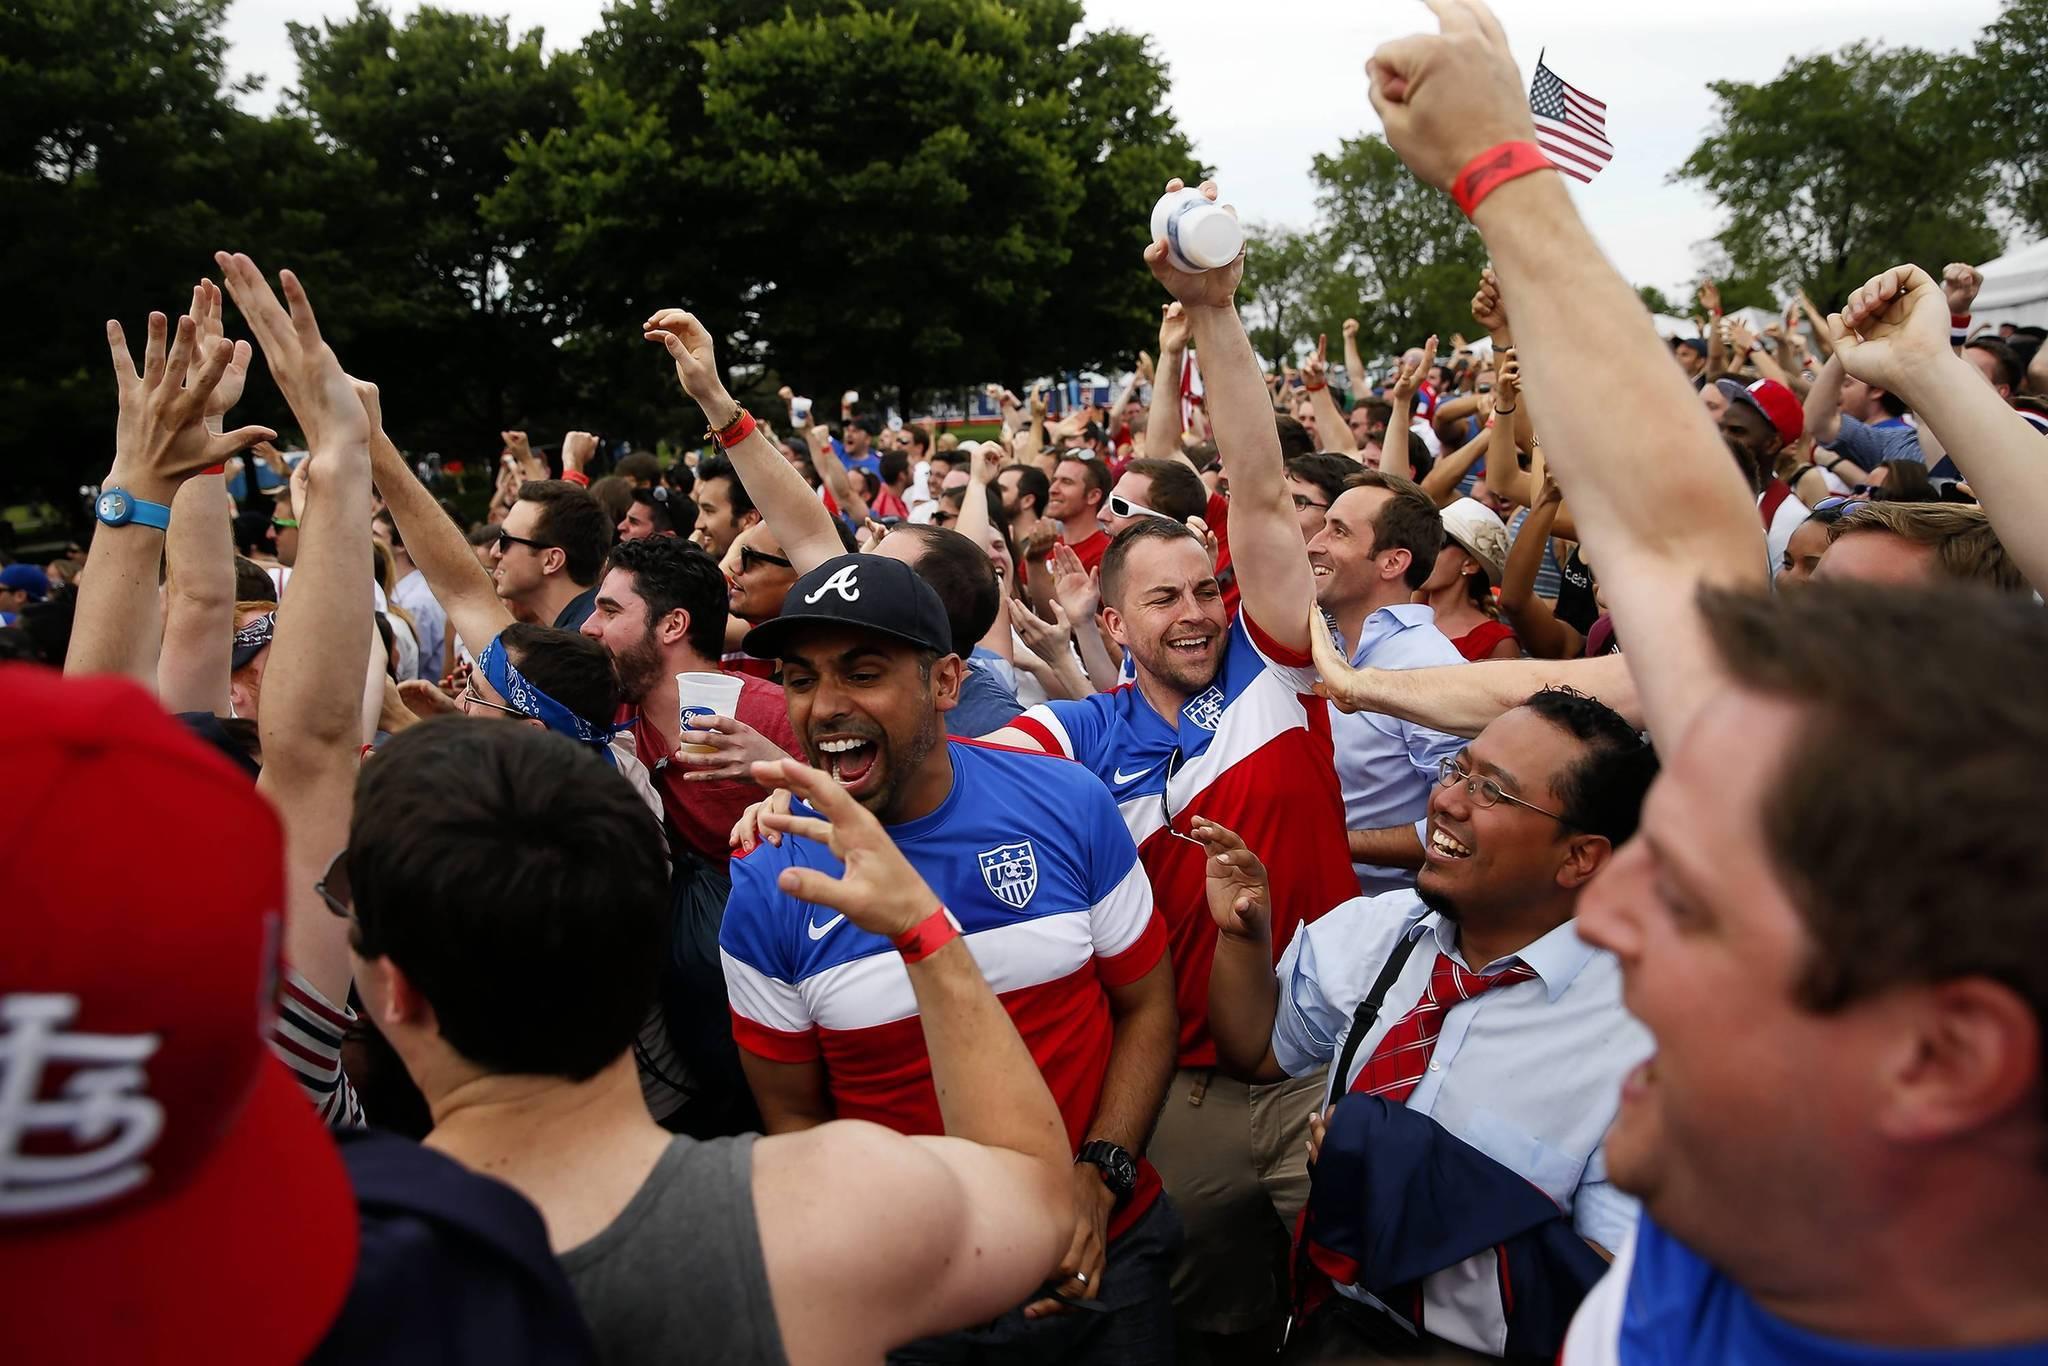 U.S. fans in Grant Park celebrate the team's game-winning goal against Ghana.